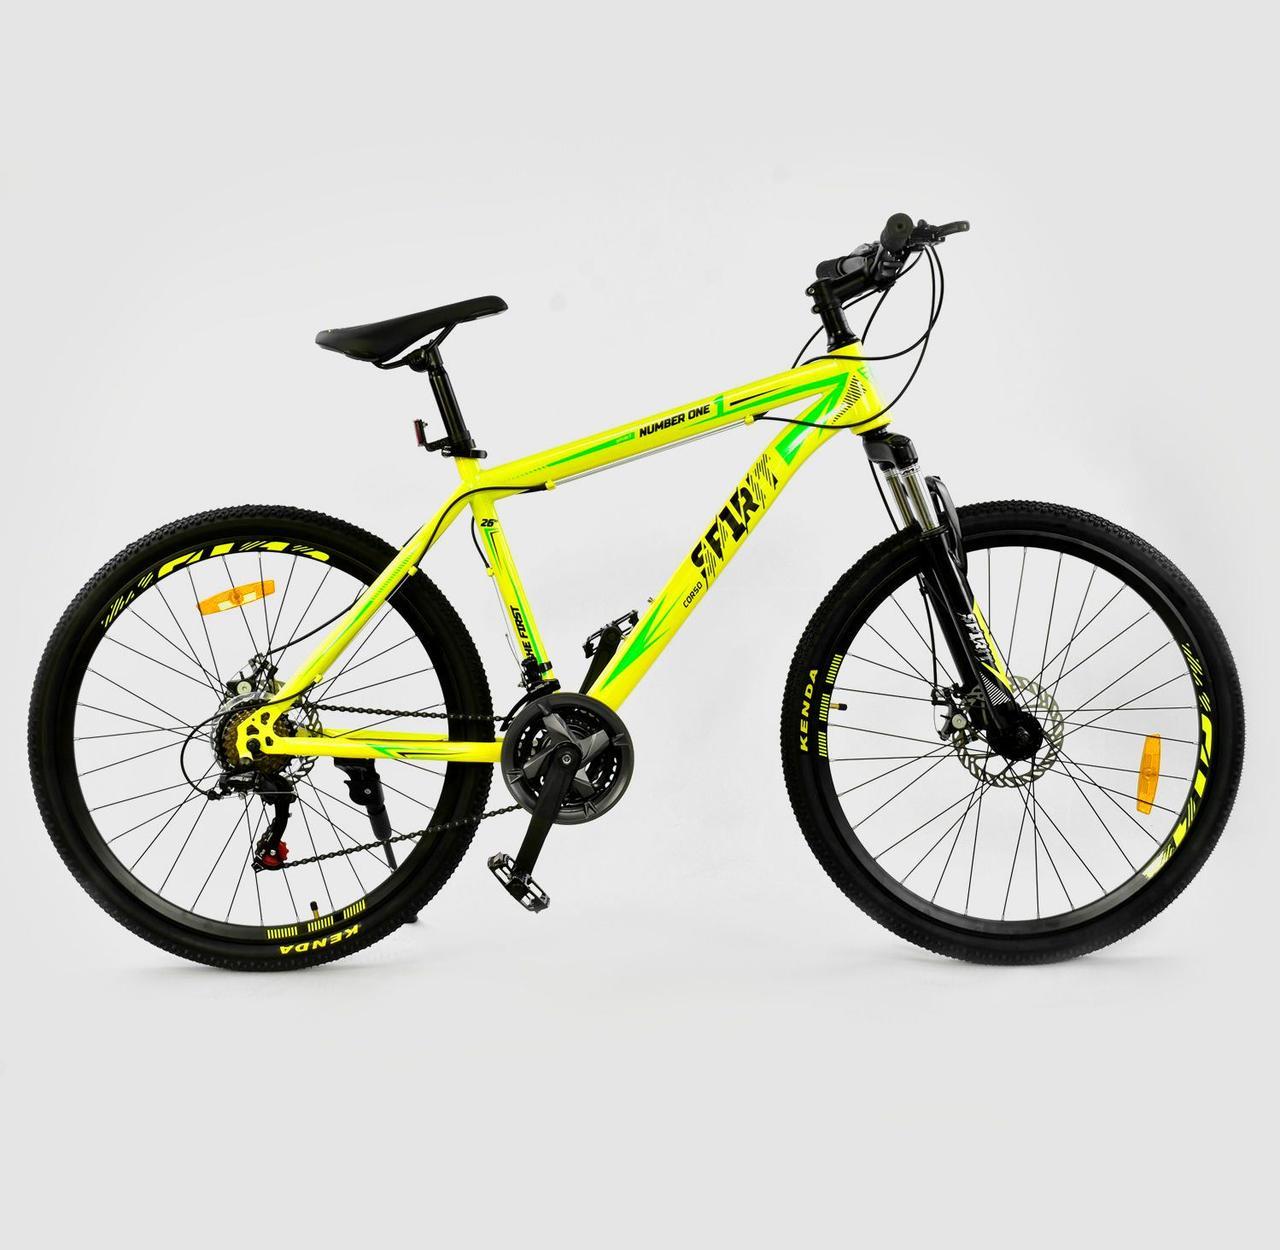 """Велосипед Спортивный CORSO SPIRIT 26""""дюймов JYT 001 - 719 YELLOW рама металлическая, 21 скорость"""